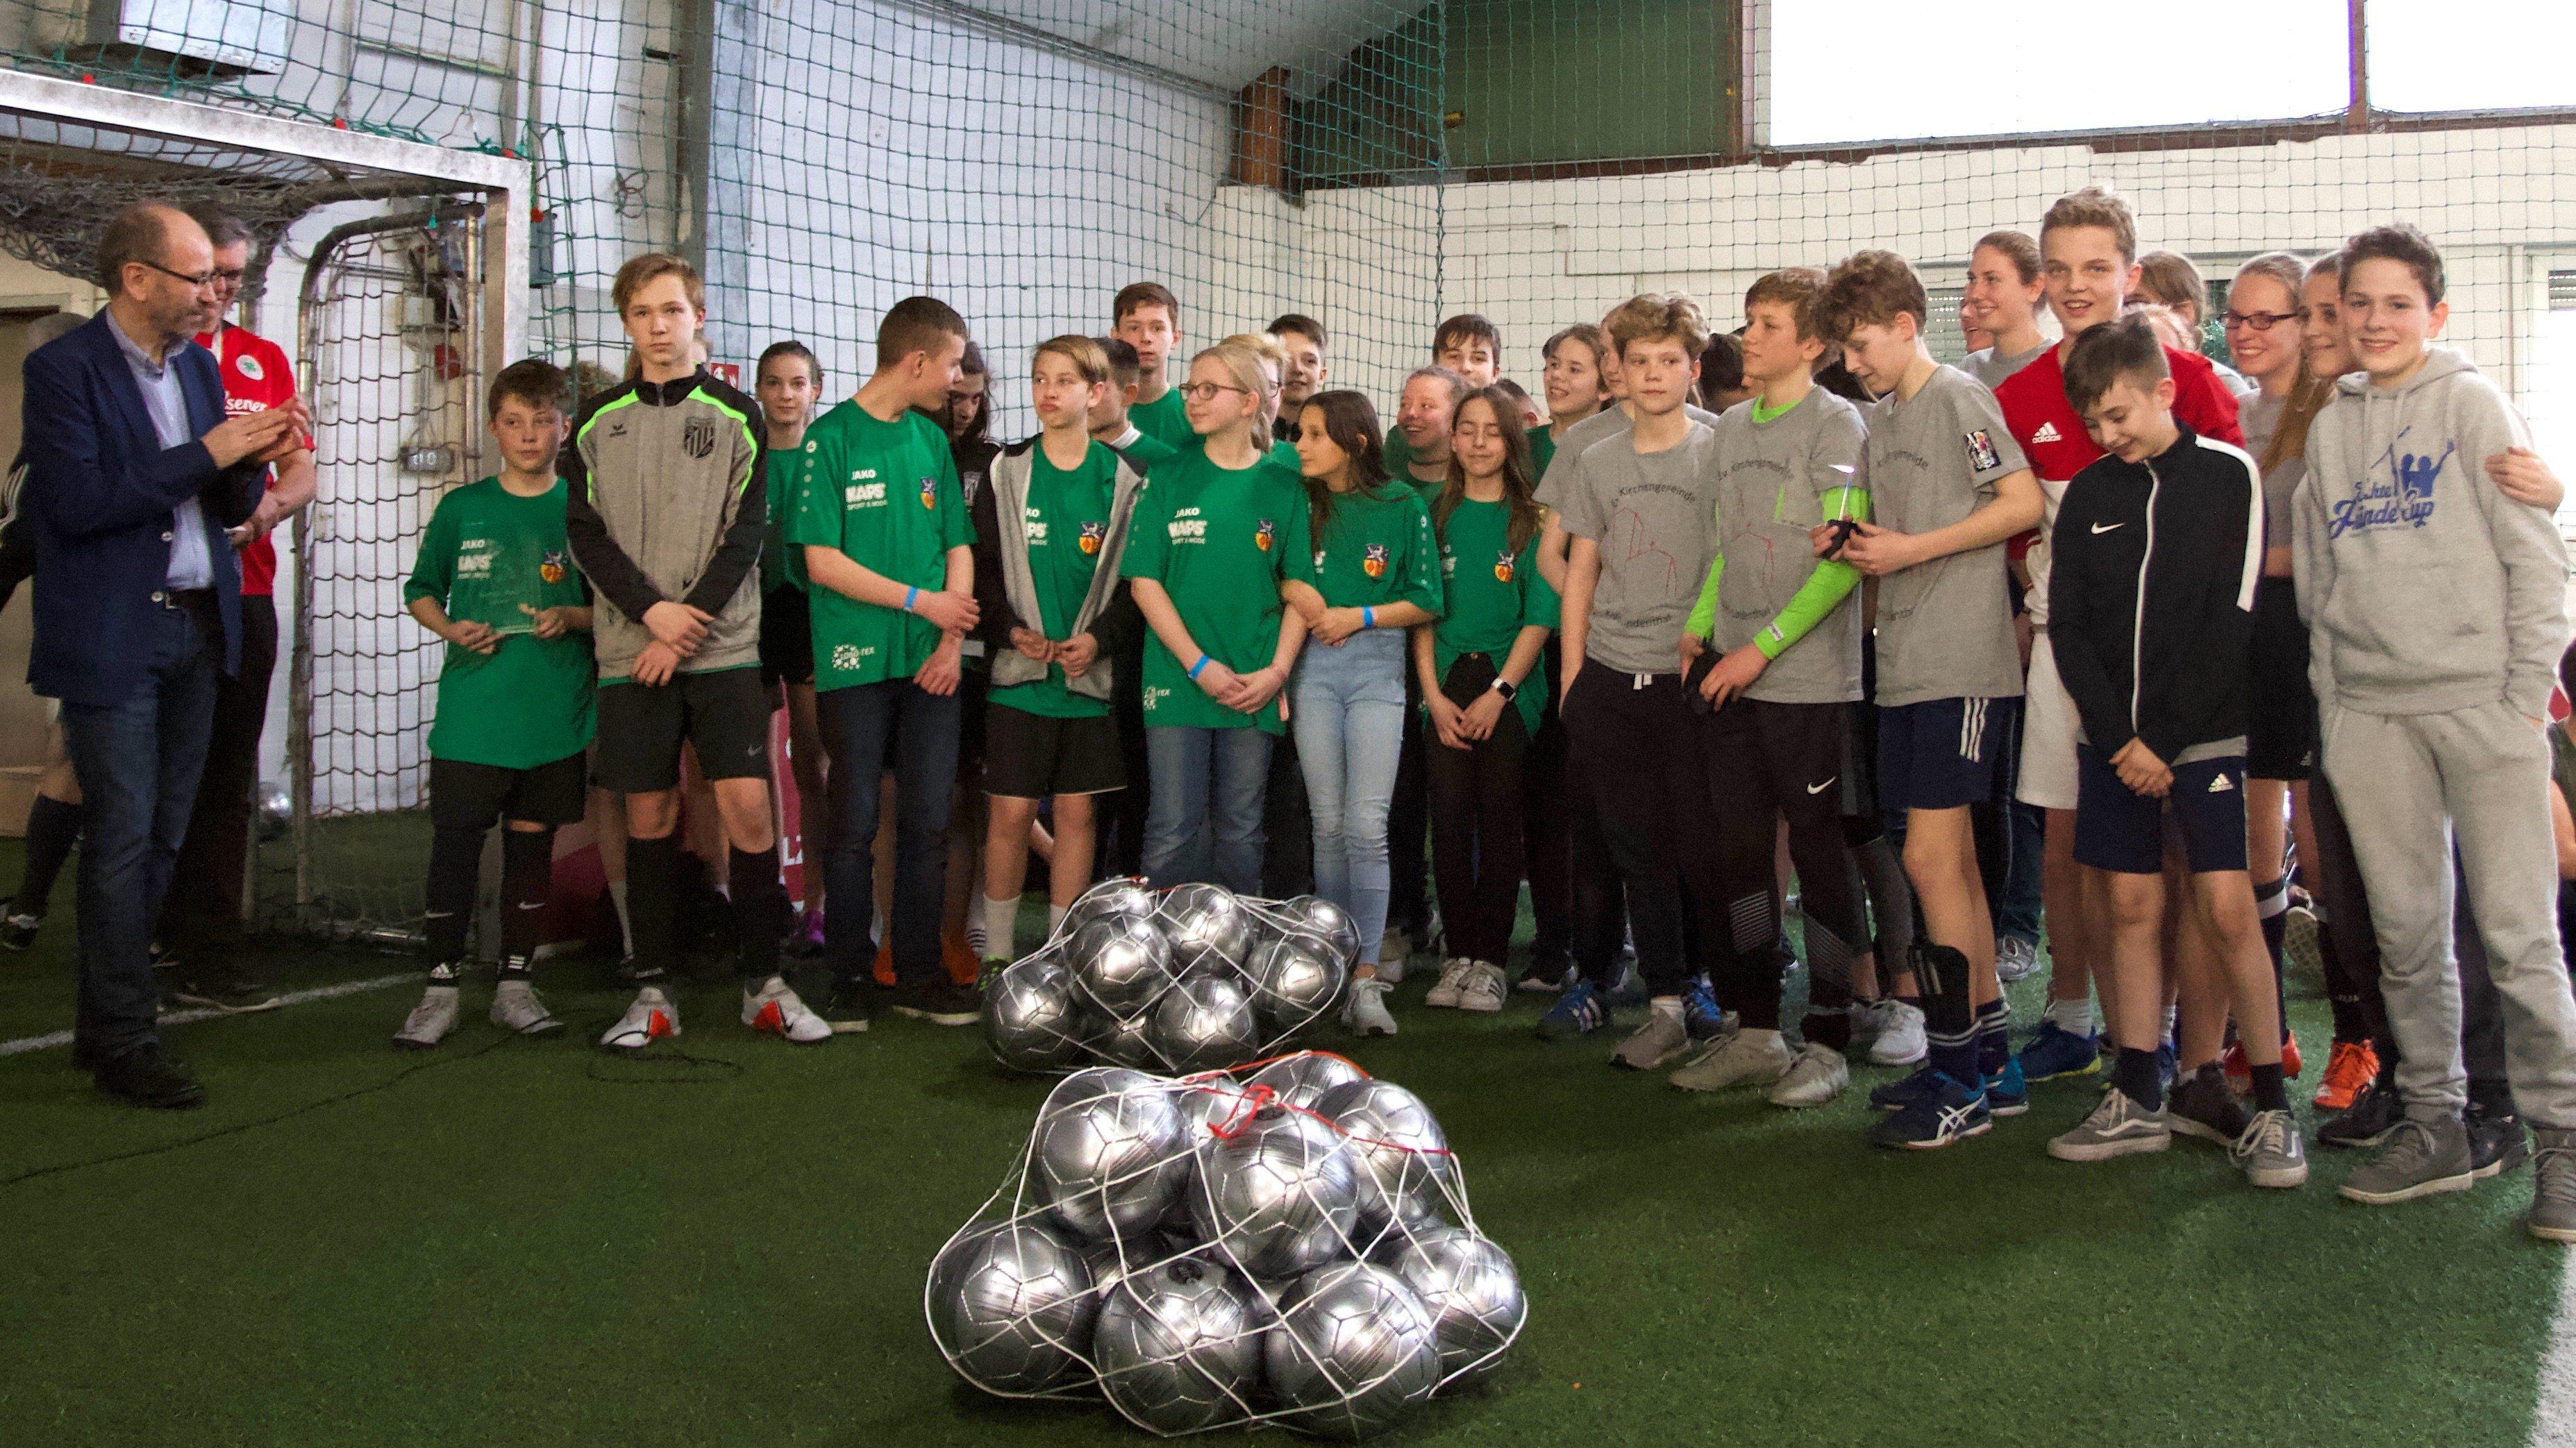 Konfirmandinnen und Konfirmanden aus Lindenthal erhalten Fairnesspreis beim EKiR Konfi-Cup Finale